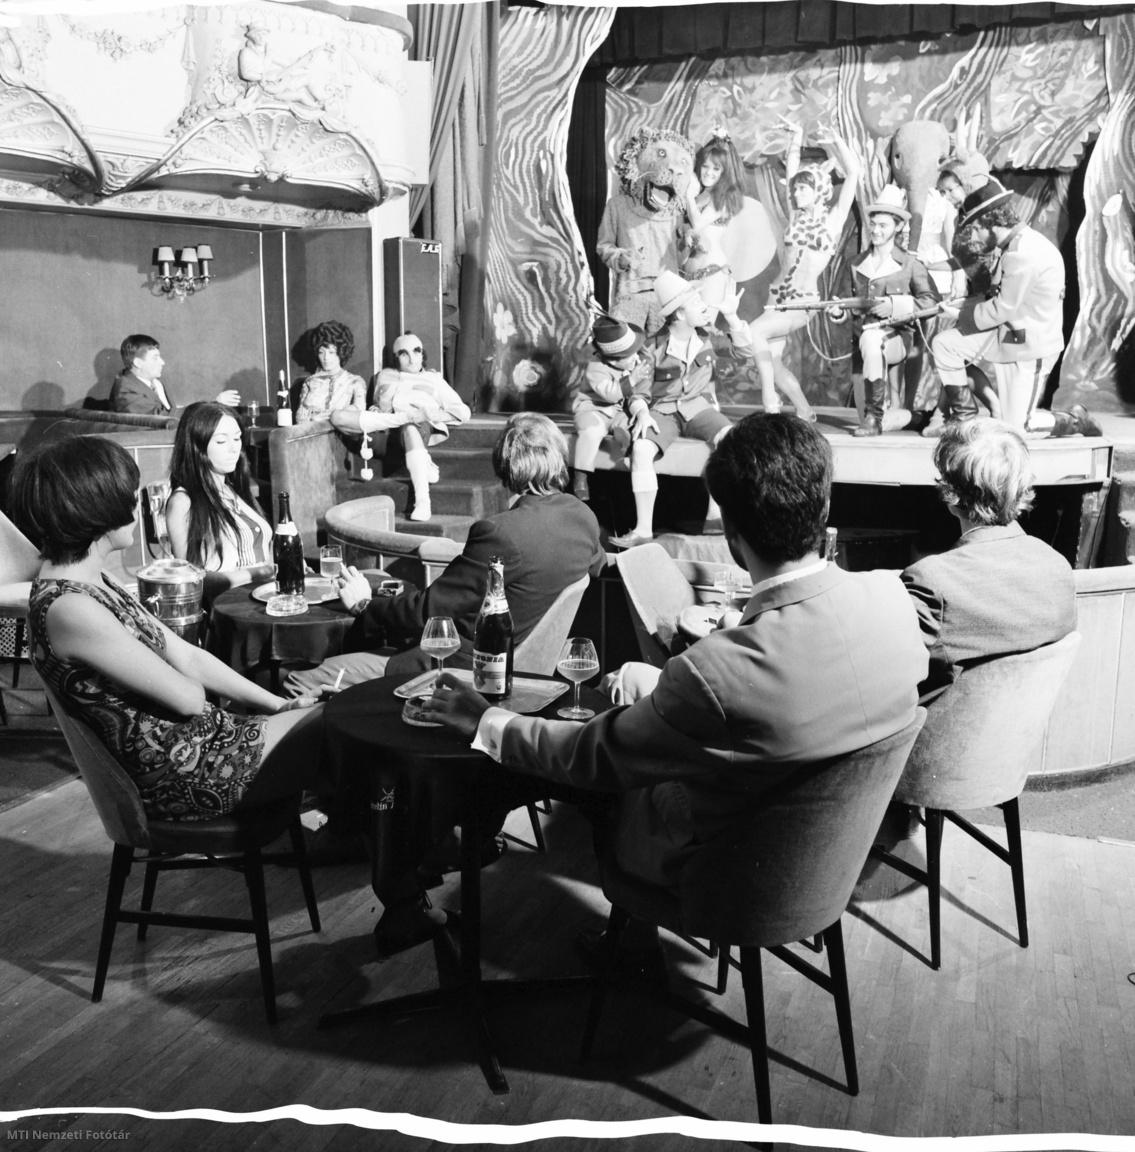 1971. július 27. Színészek humoros jelenetét nézi a közönség a Budapesti Operett Színház épületében (VI. kerület Nagymező u. 17.) található Moulin Rouge-ban amely 1898-ban épült Somossy Orfeum télikertjeként kávéházaként.